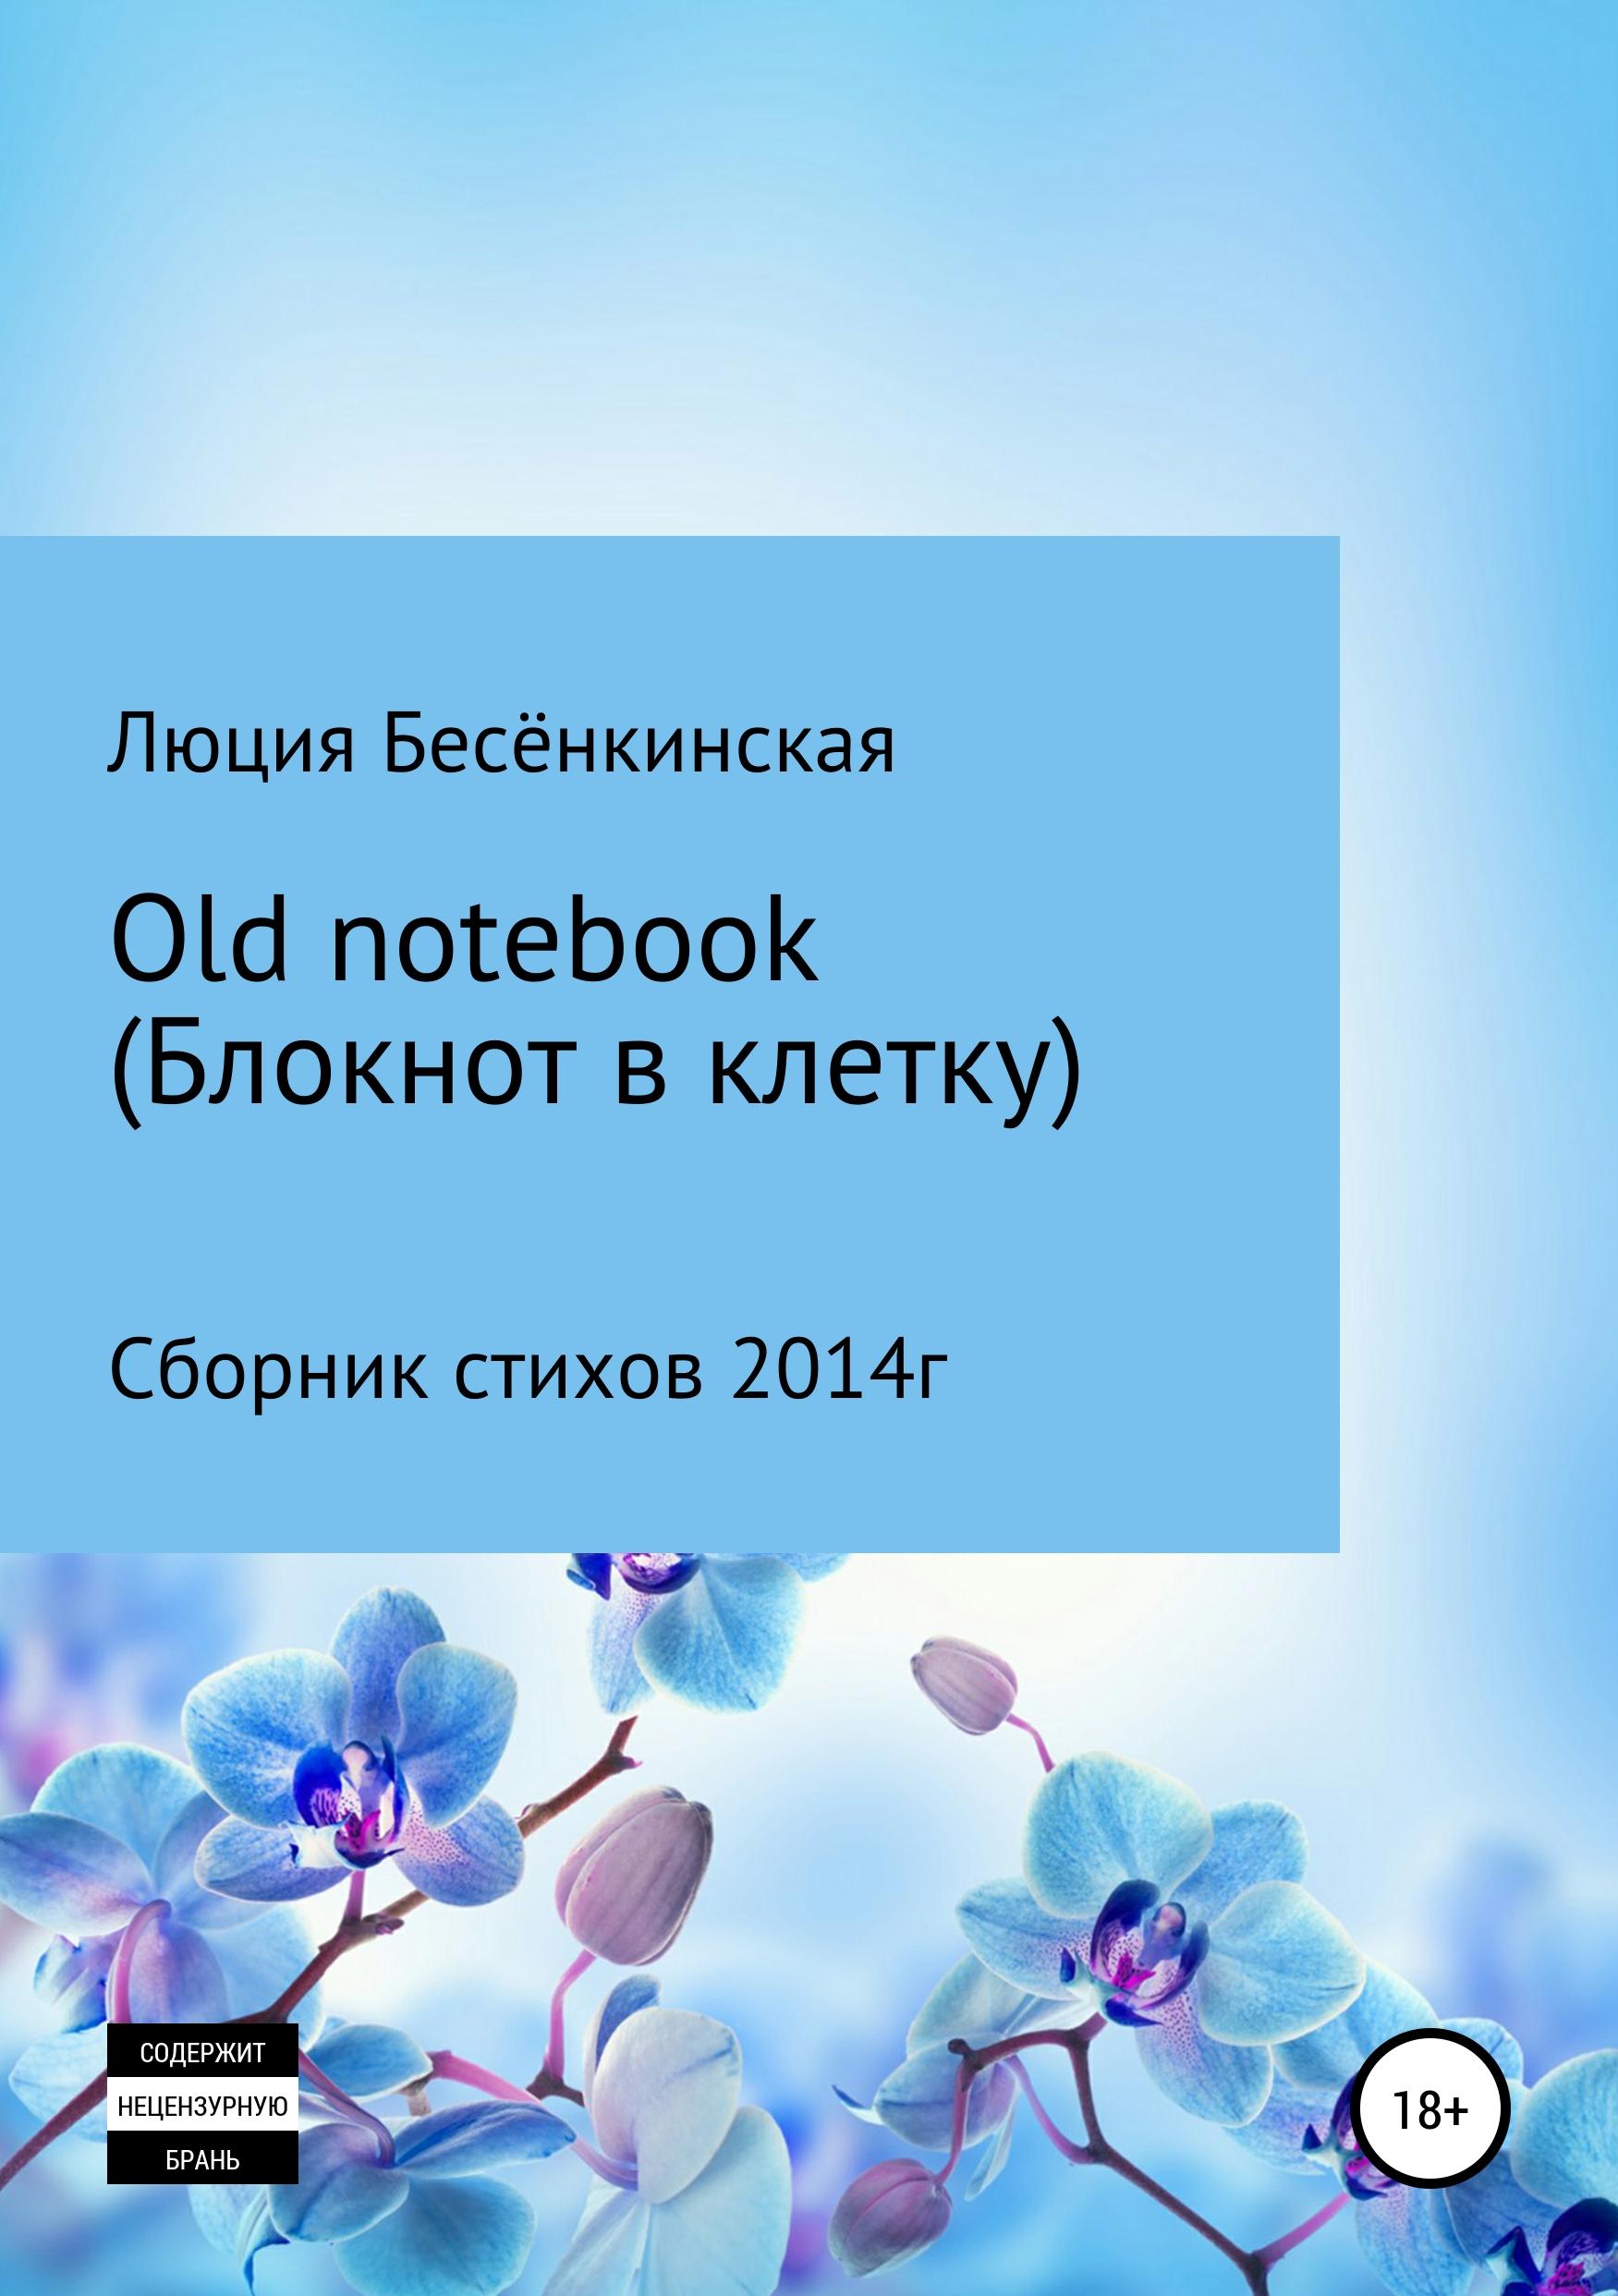 Люция Бесёнкинская Old notebook (блокнот в клетку) люция бесёнкинская old notebook блокнот в клетку exclusive version